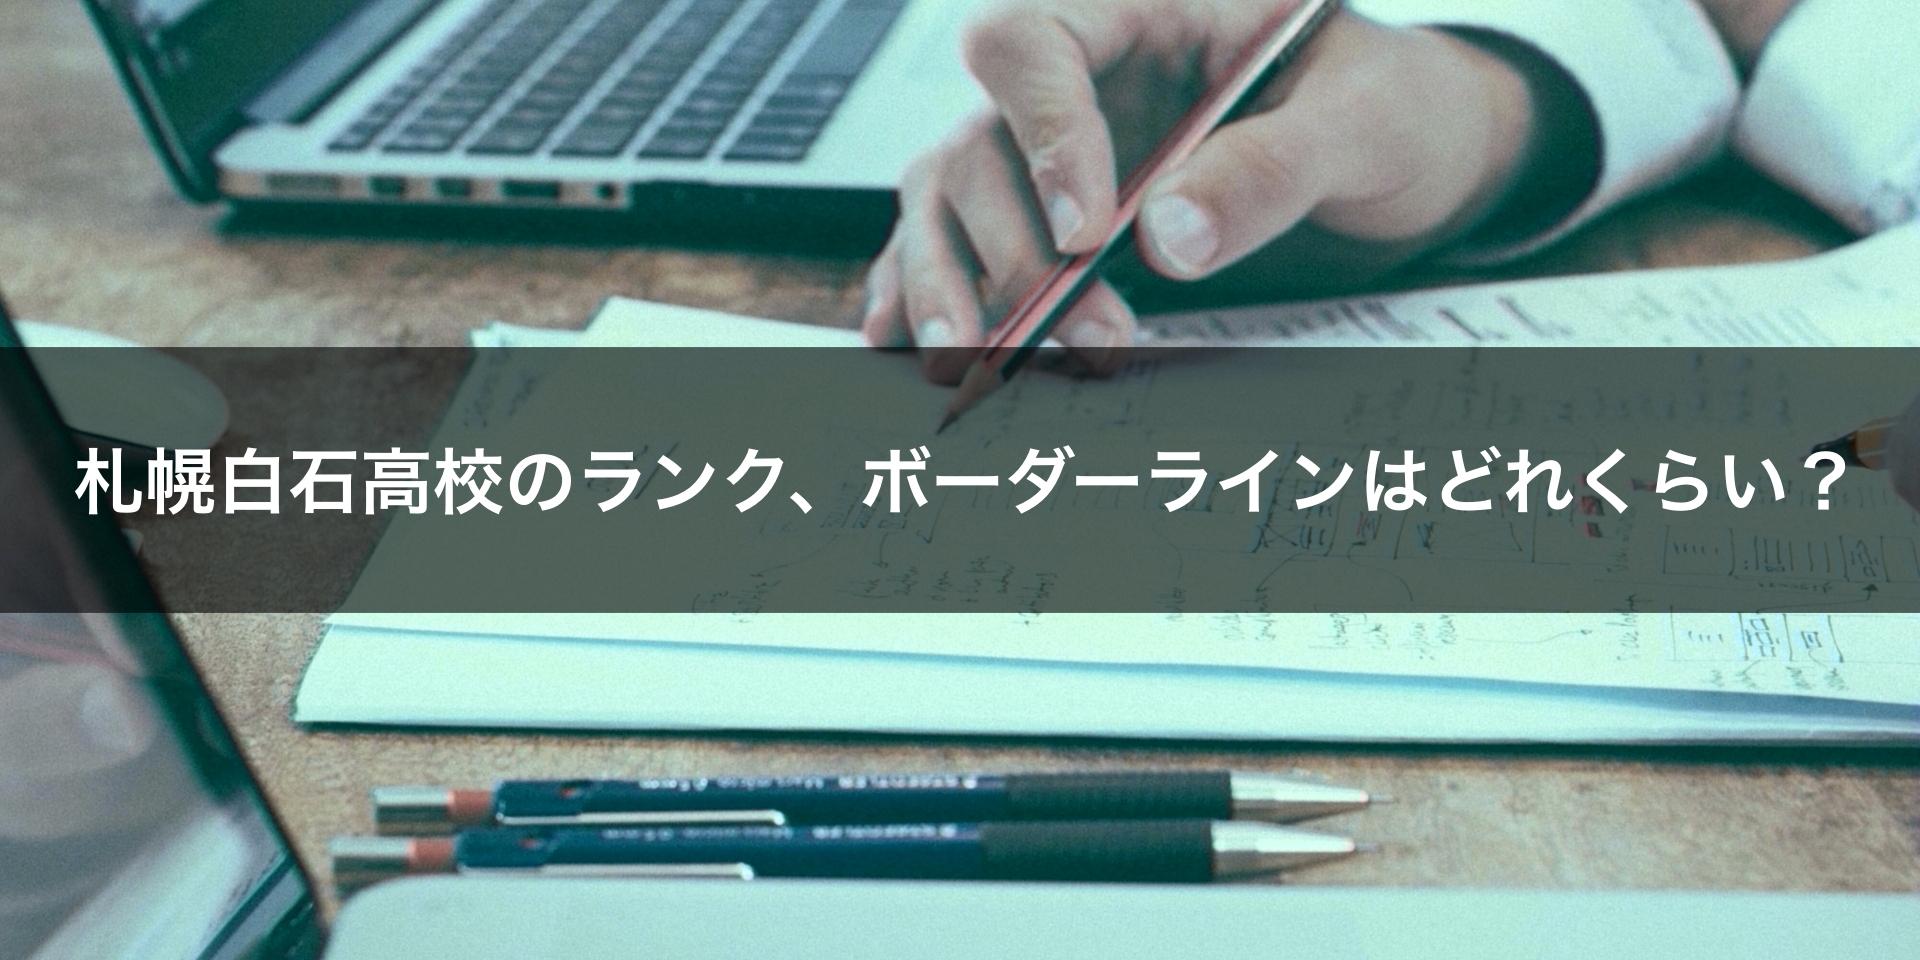 札幌白石高校のランク、ボーダーラインはどれくらい?